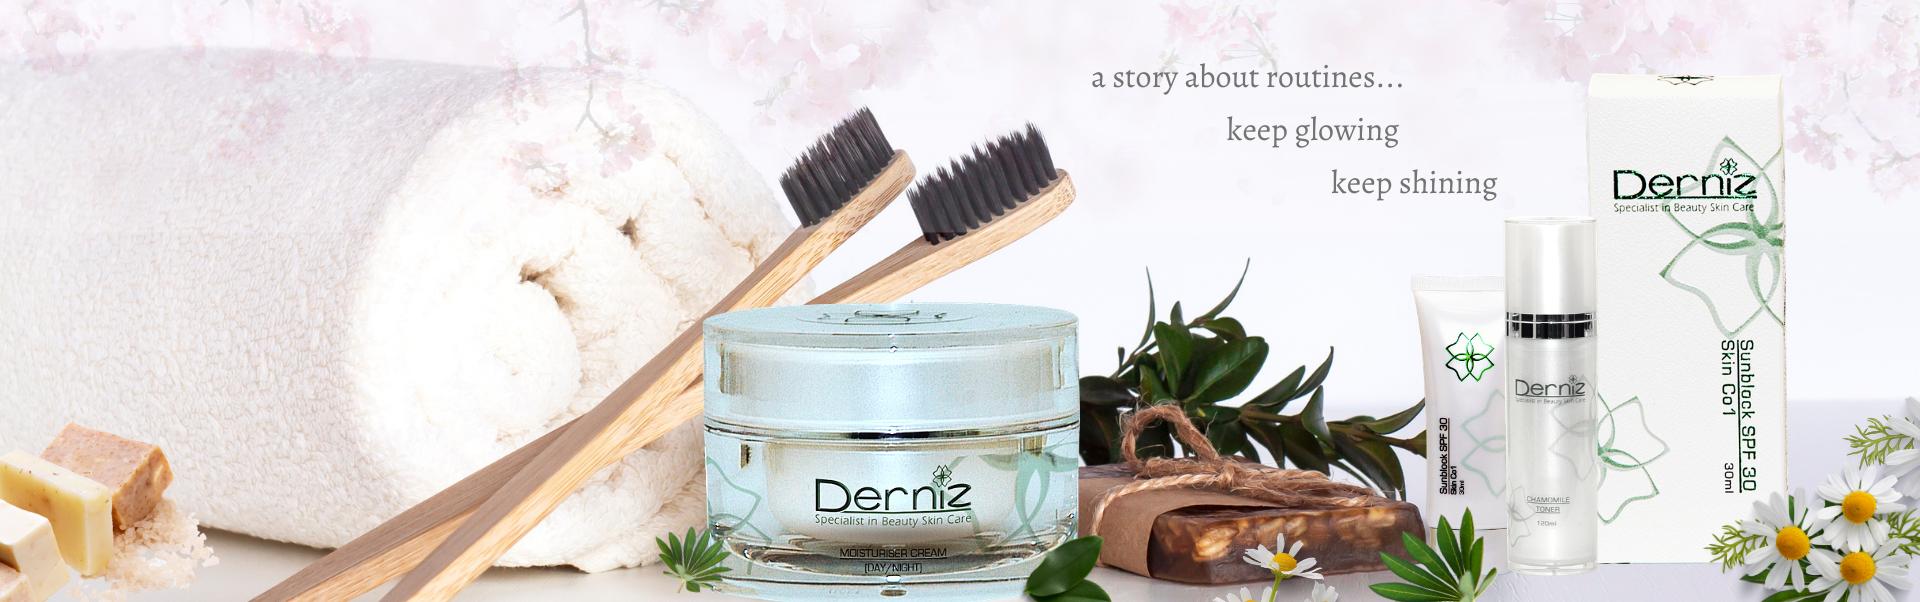 Derniz Skincare